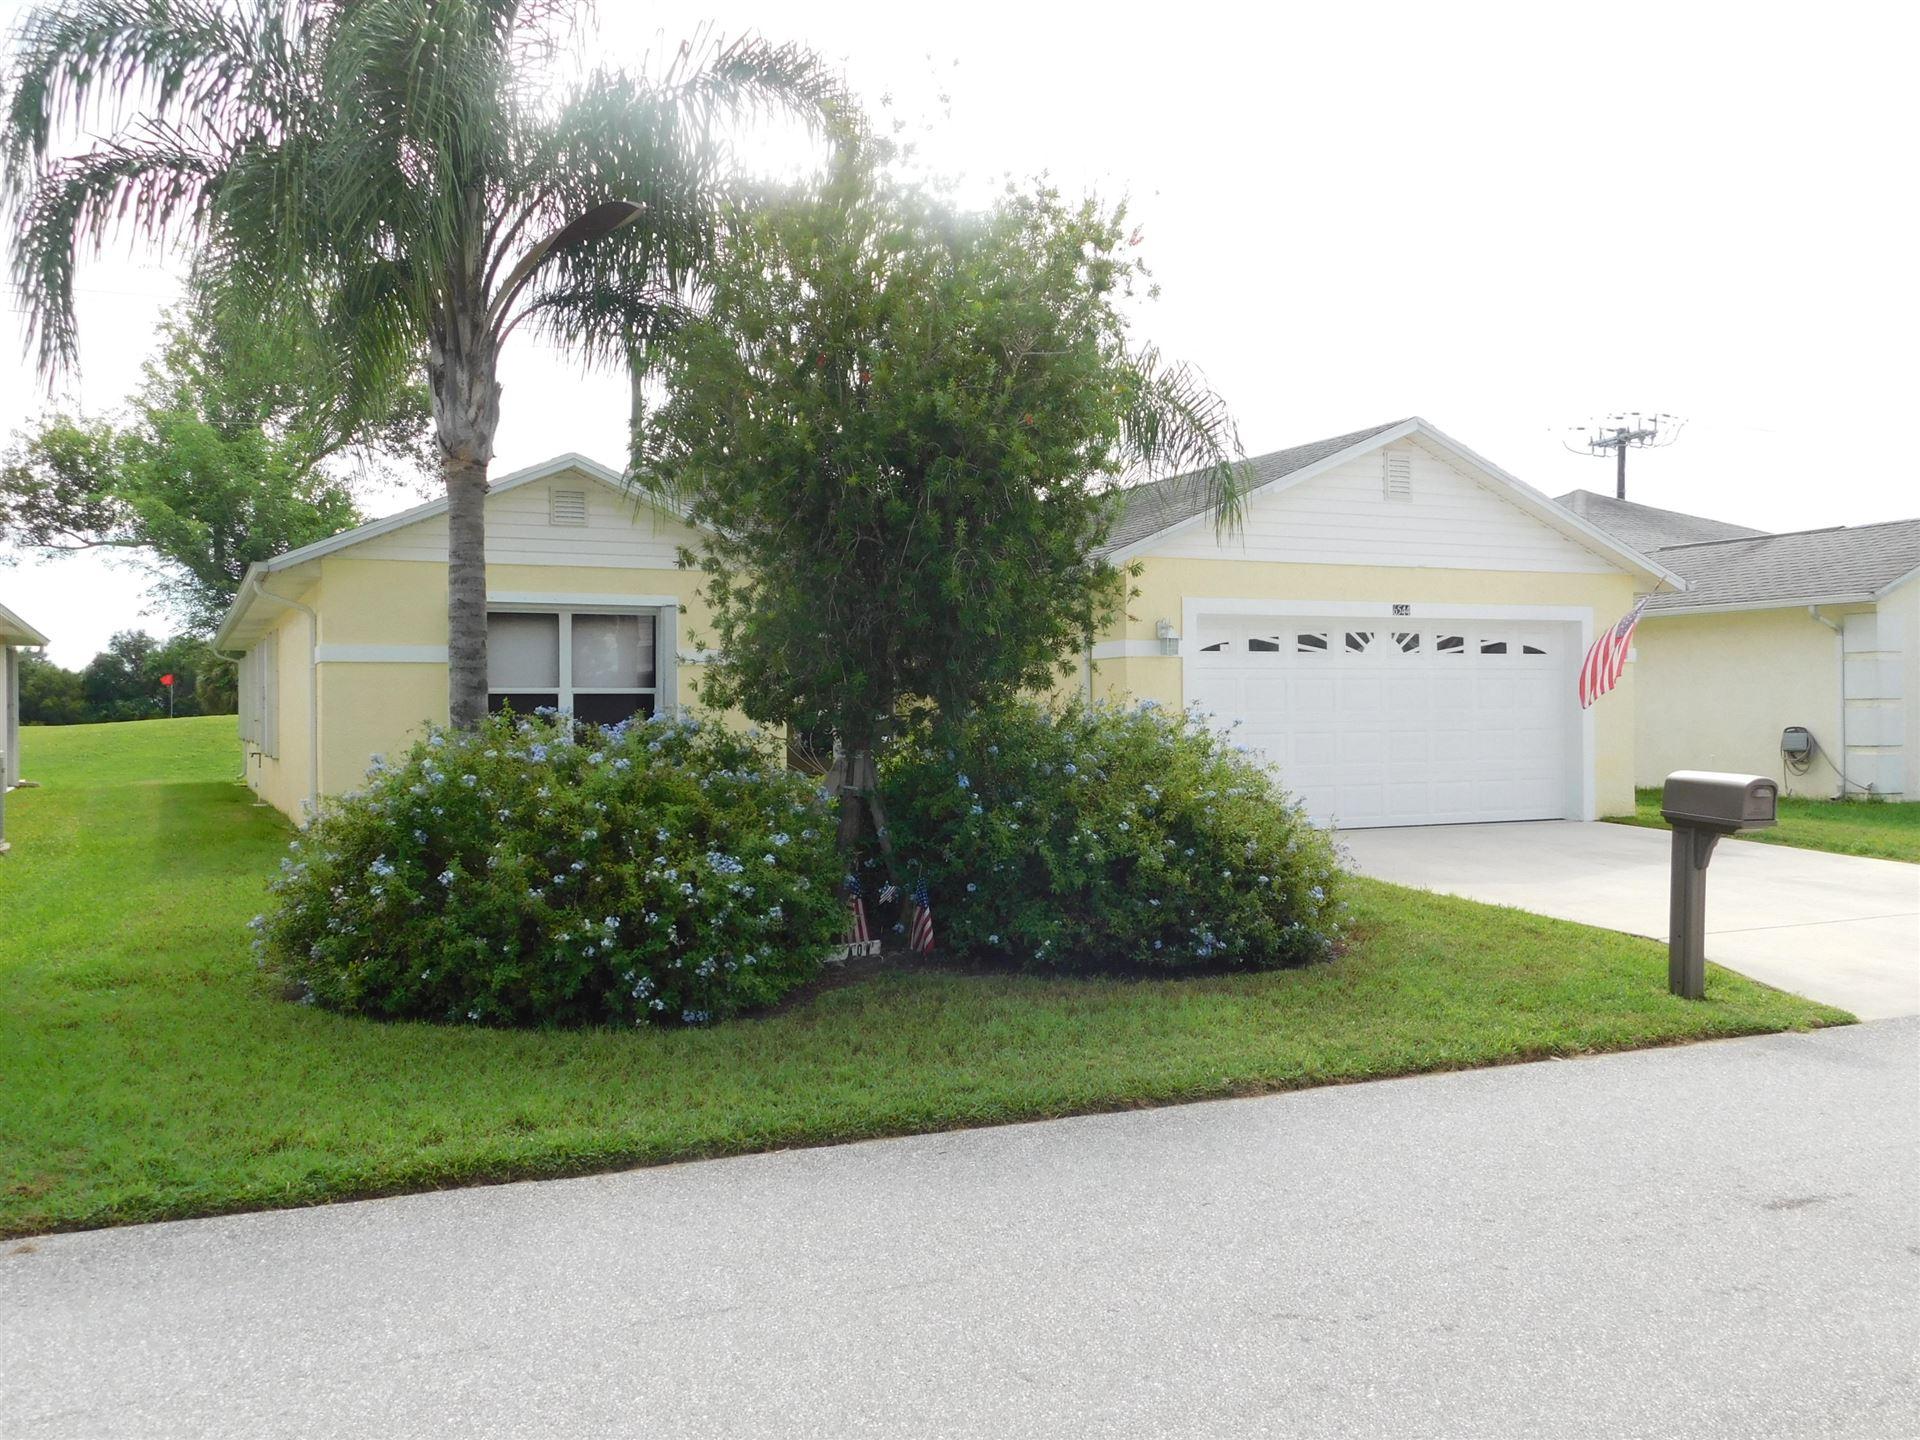 6544 Alemendra, Fort Pierce, FL 34951 - #: RX-10651921